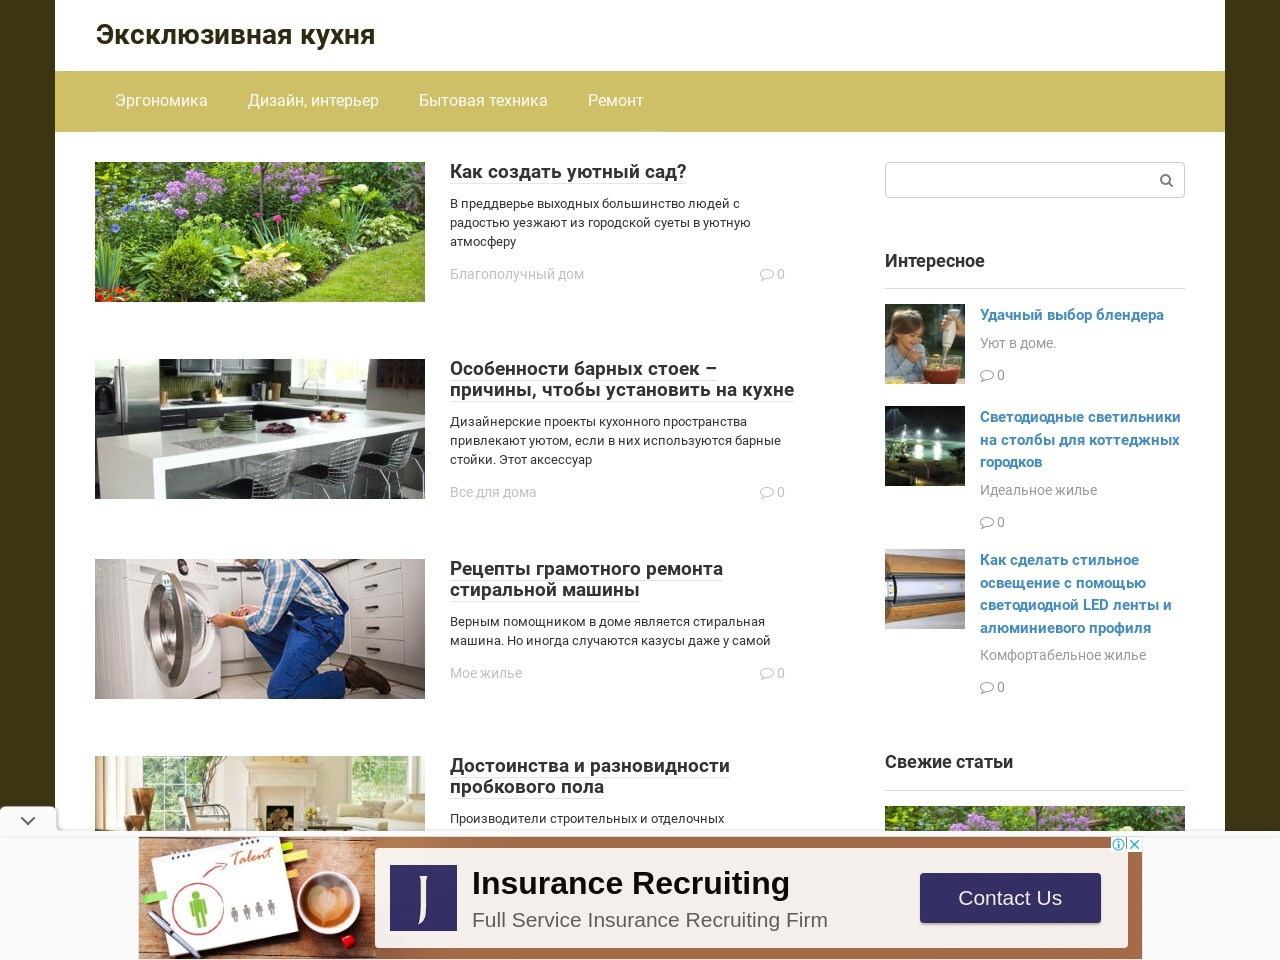 【高山質店】公式サイト|価格が違う!高価買取&格安販売